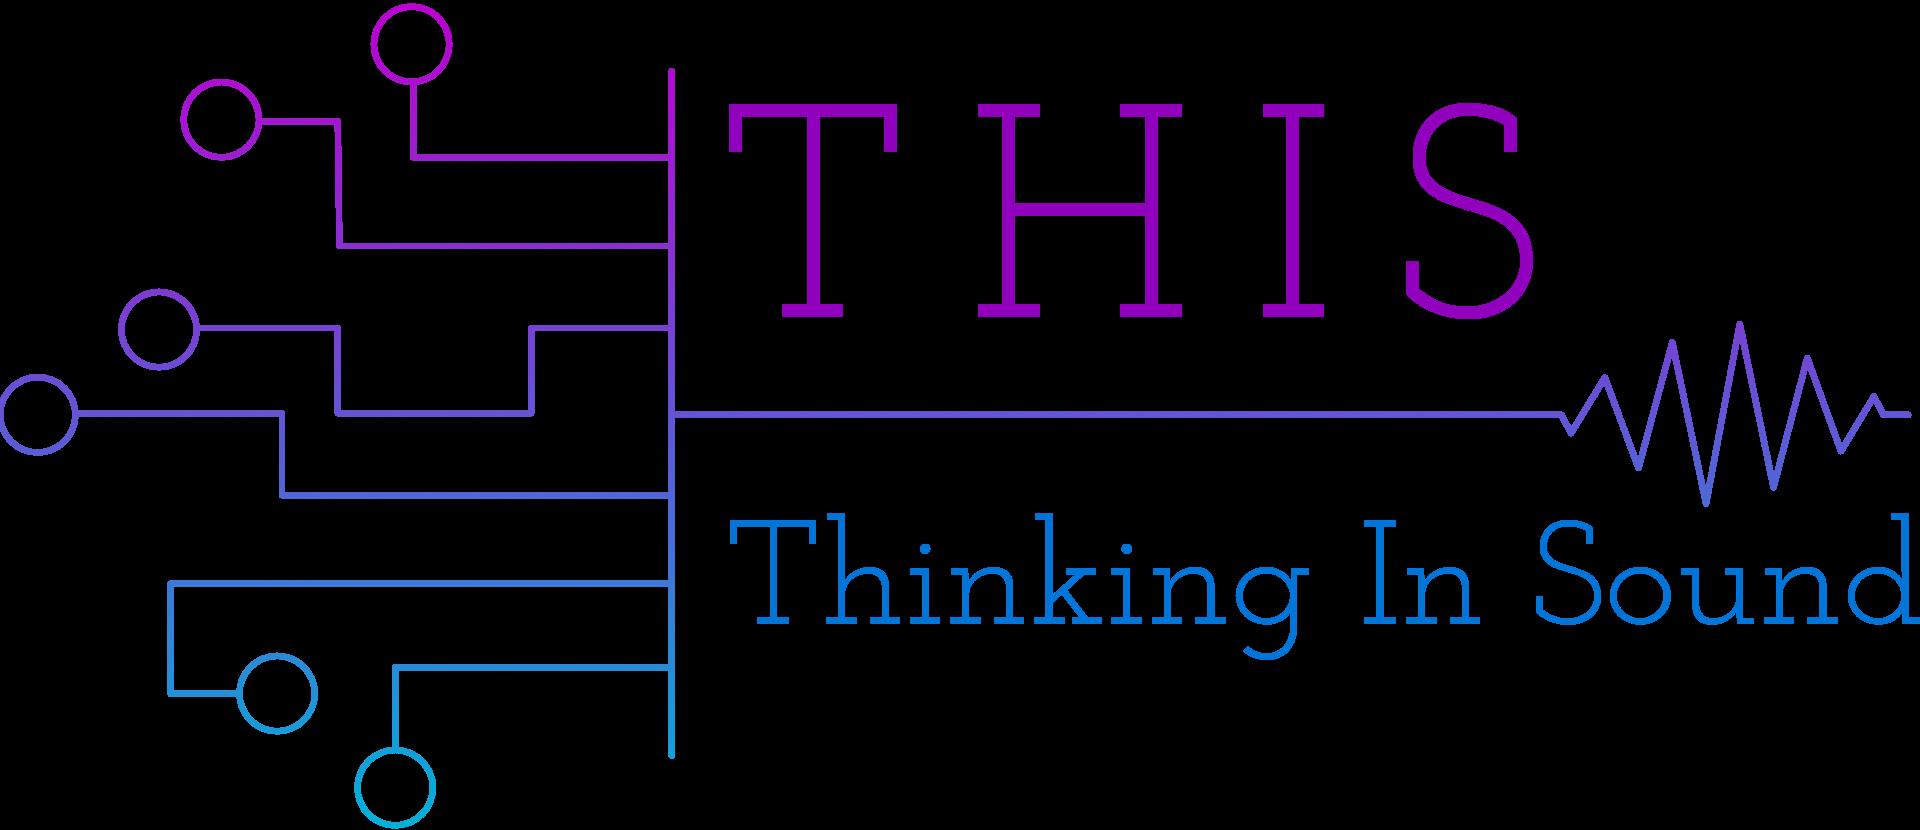 Thinking in Sound